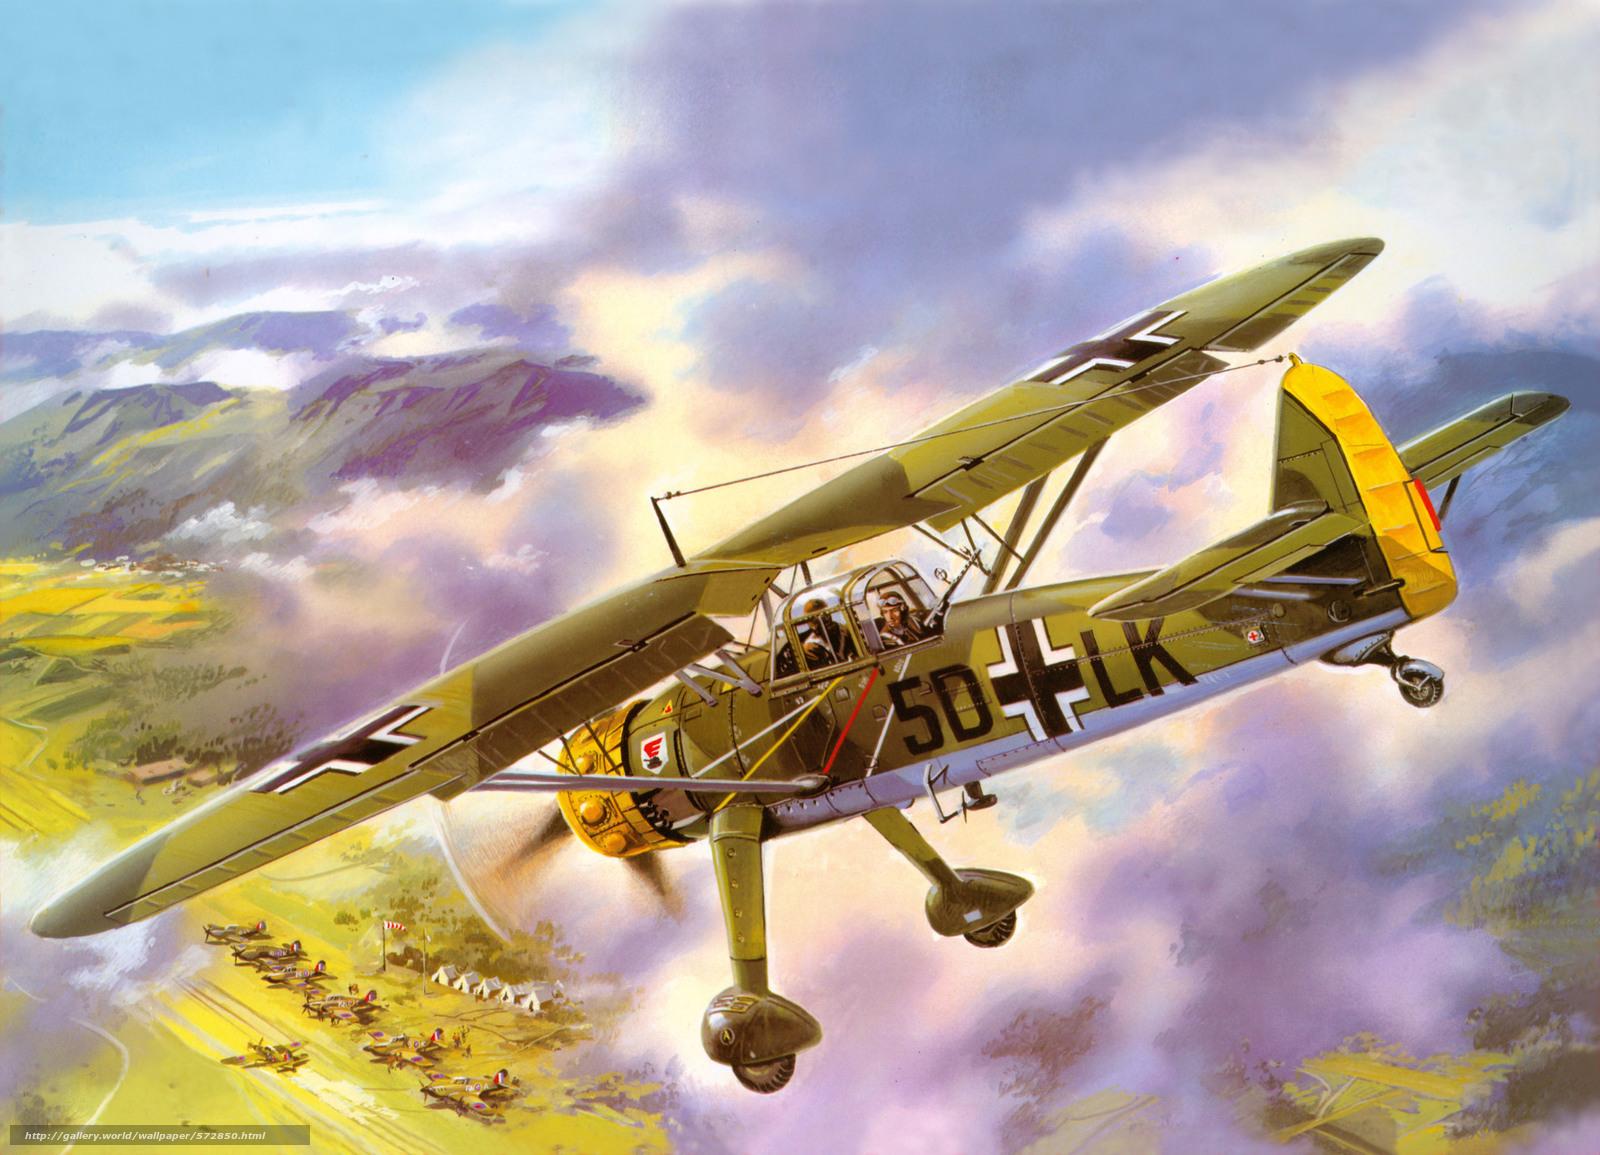 Скачать обои горы,  земля,  самолёты,  взлётное поле бесплатно для рабочего стола в разрешении 7225x5216 — картинка №572850